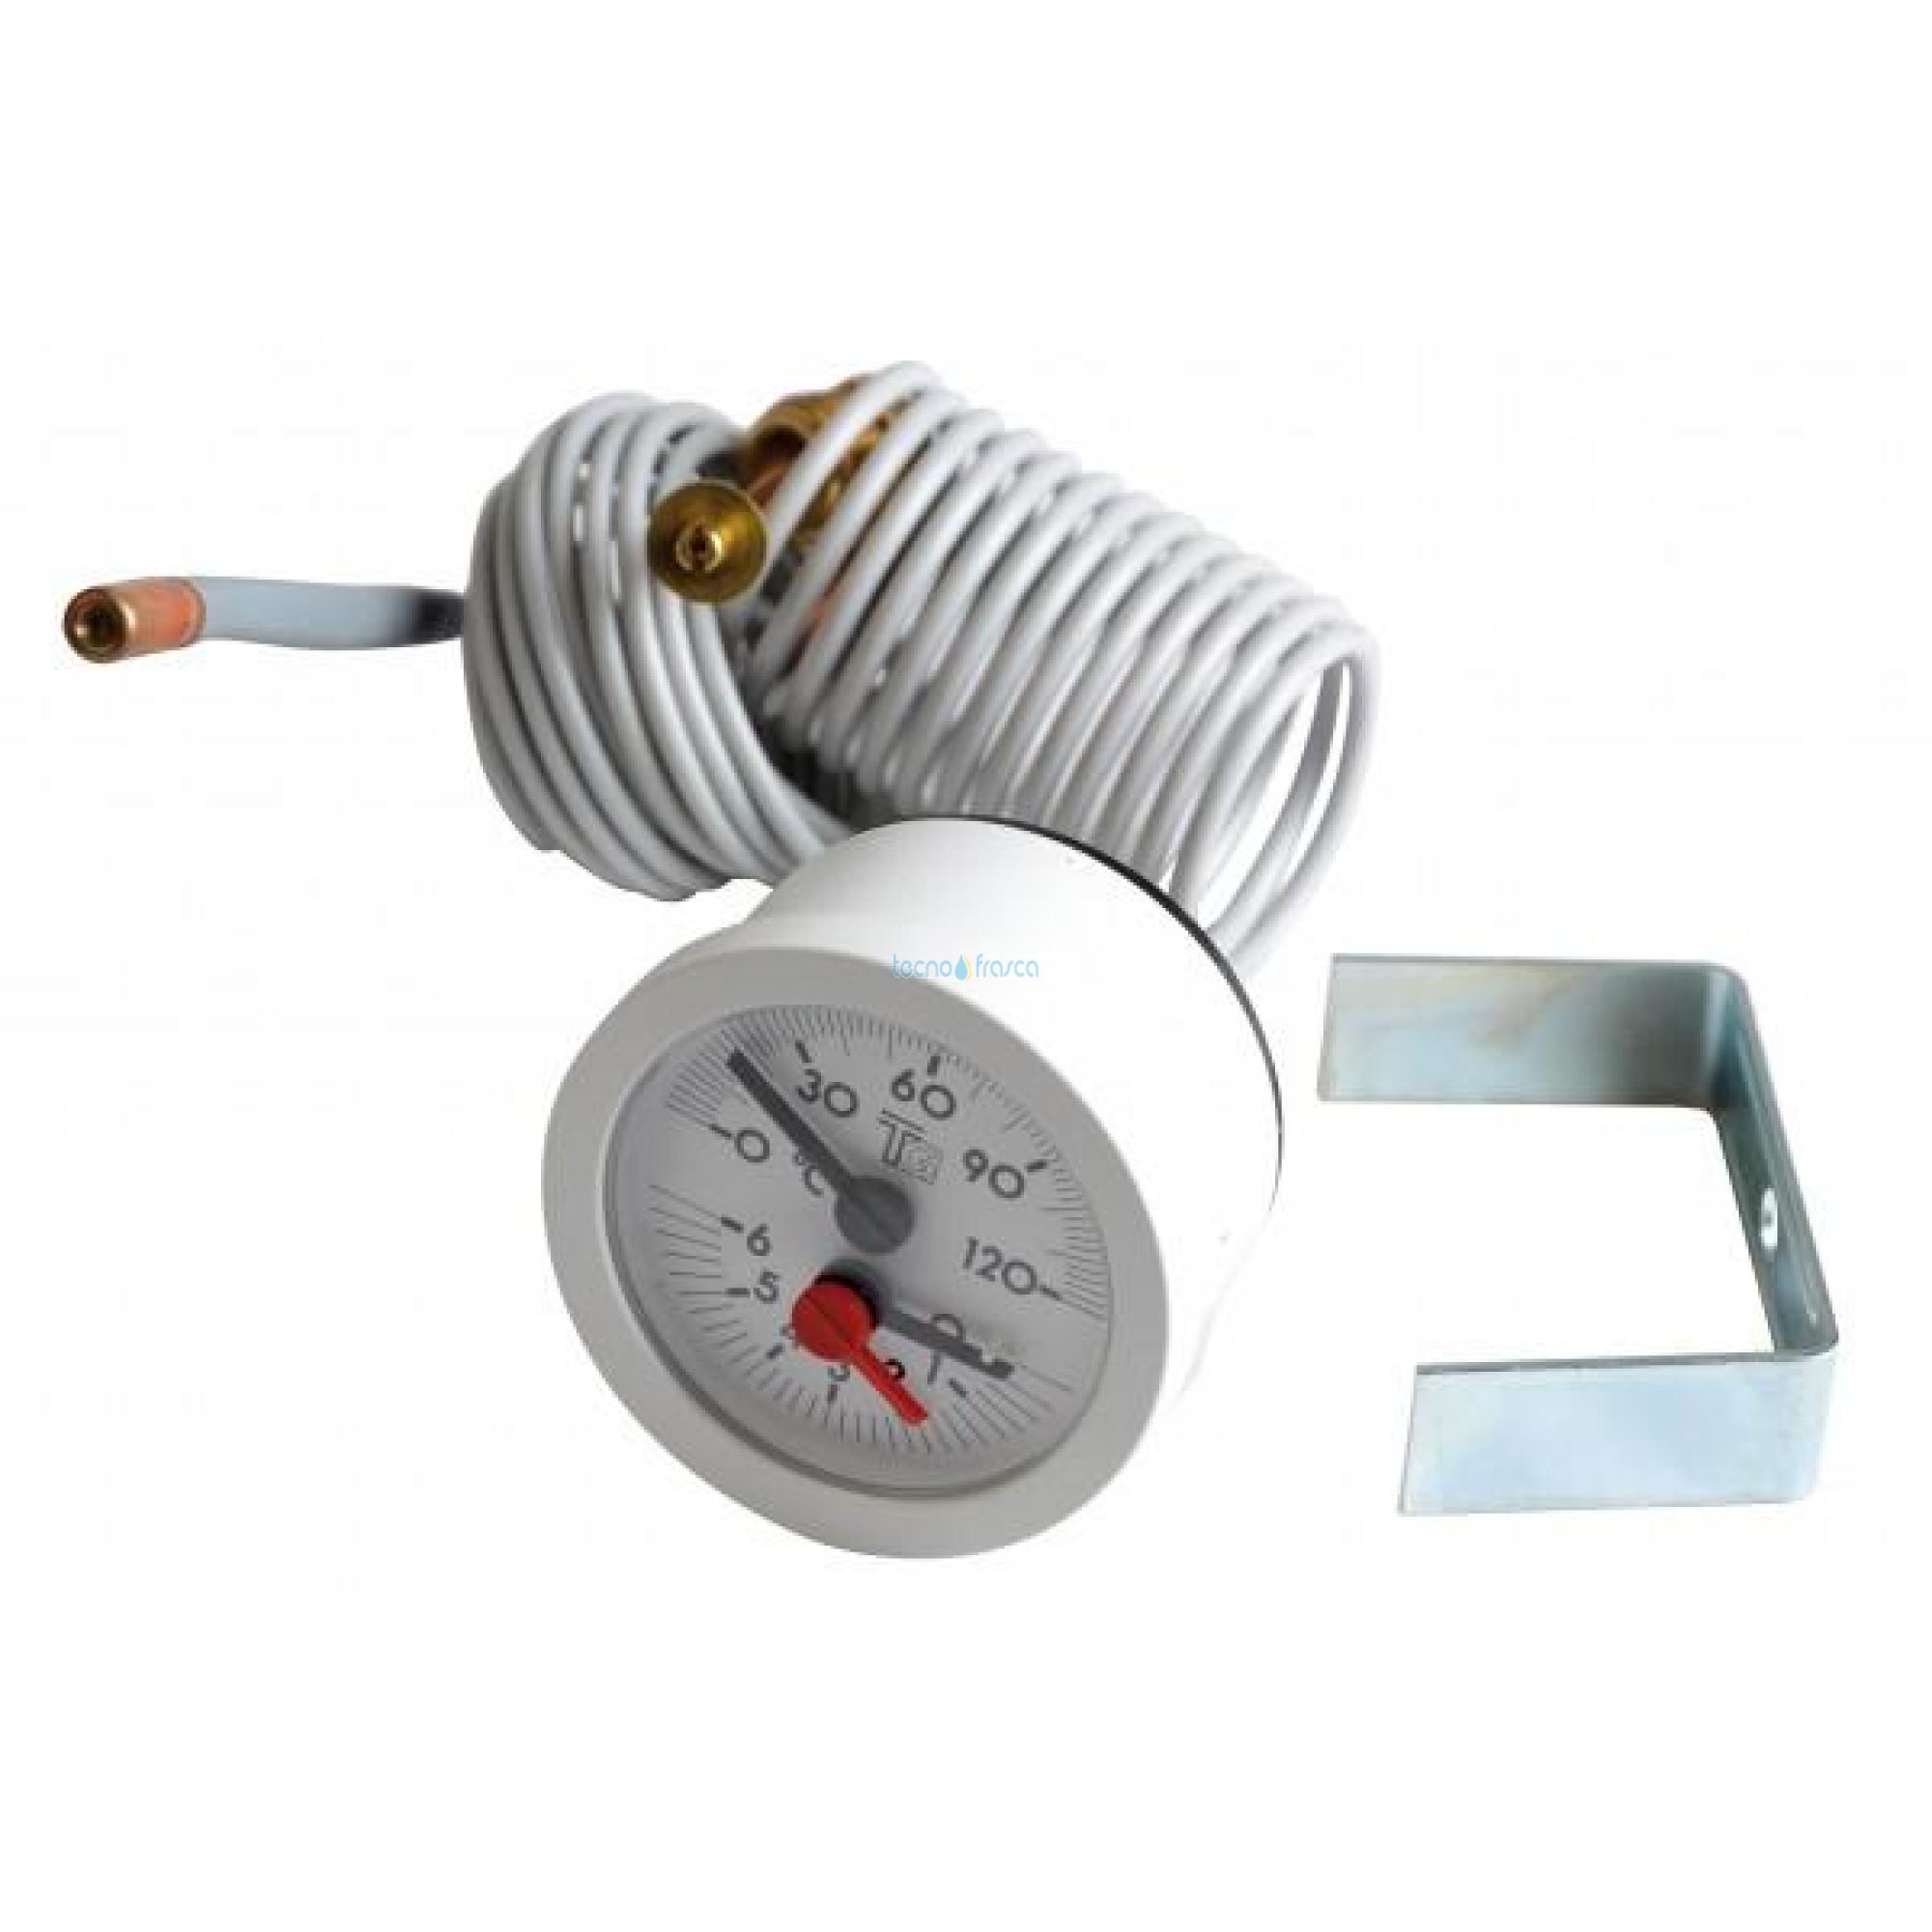 Ferroli termoidrometro bianco 39806020